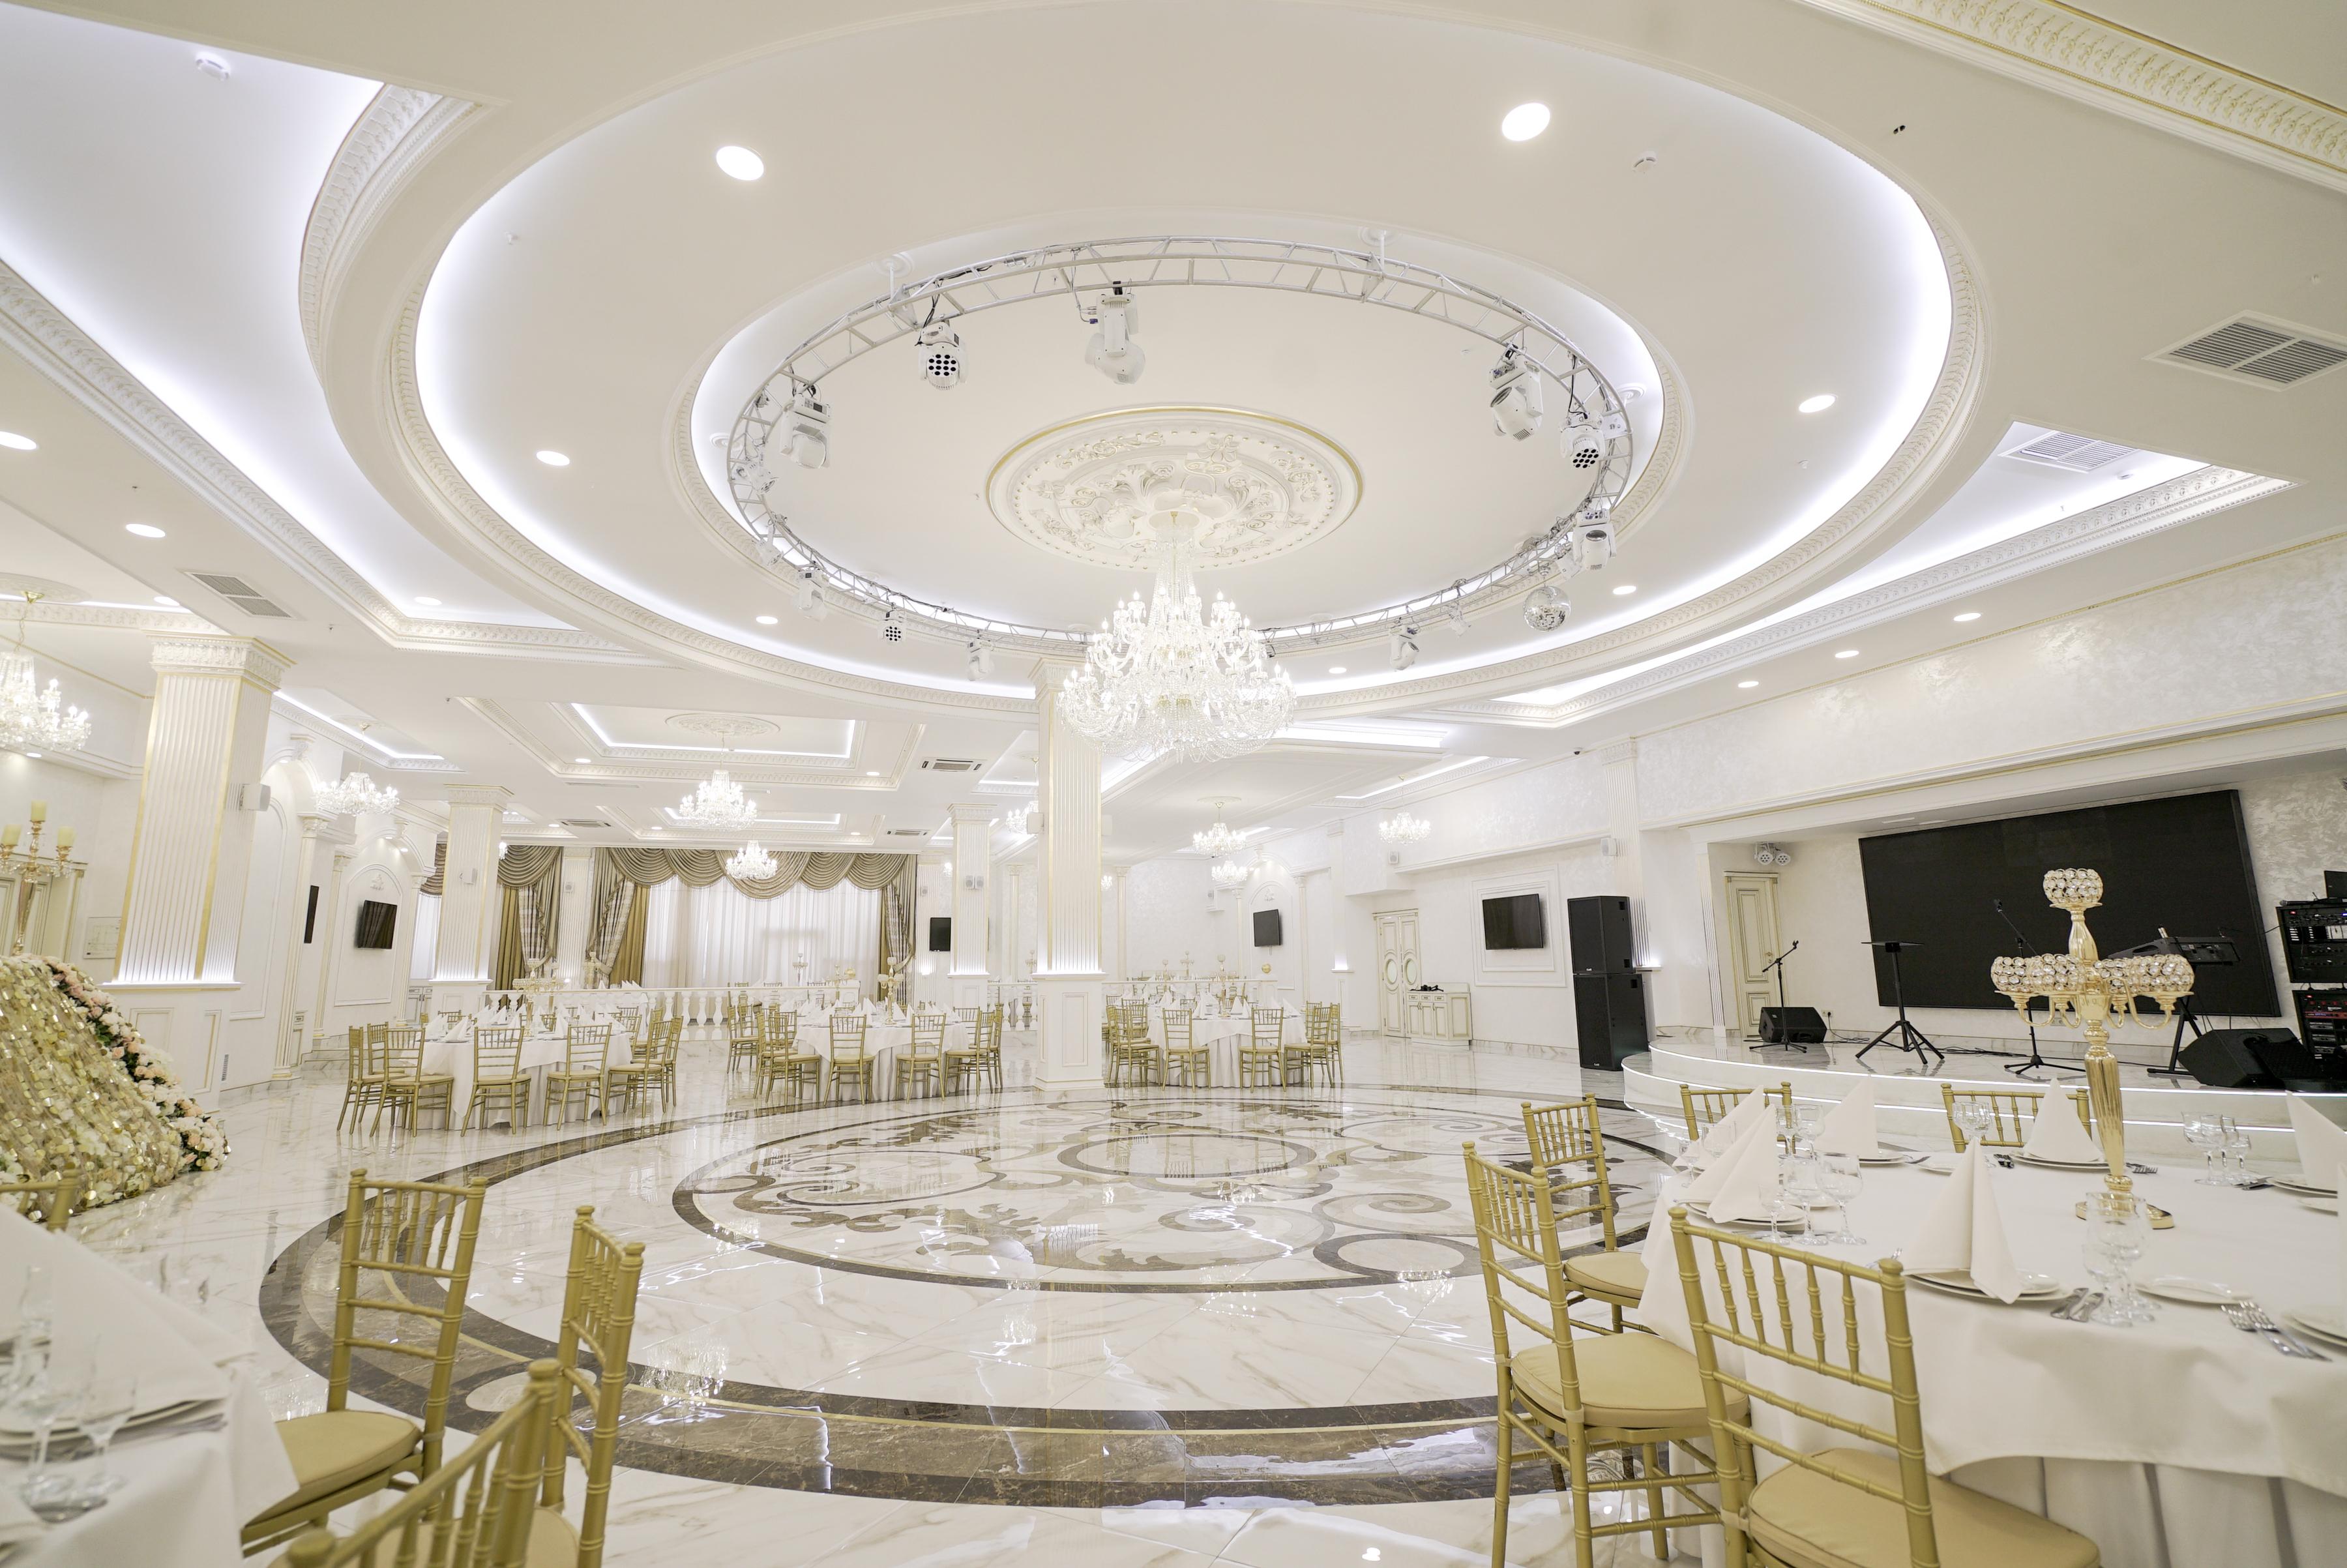 Big Hall 21